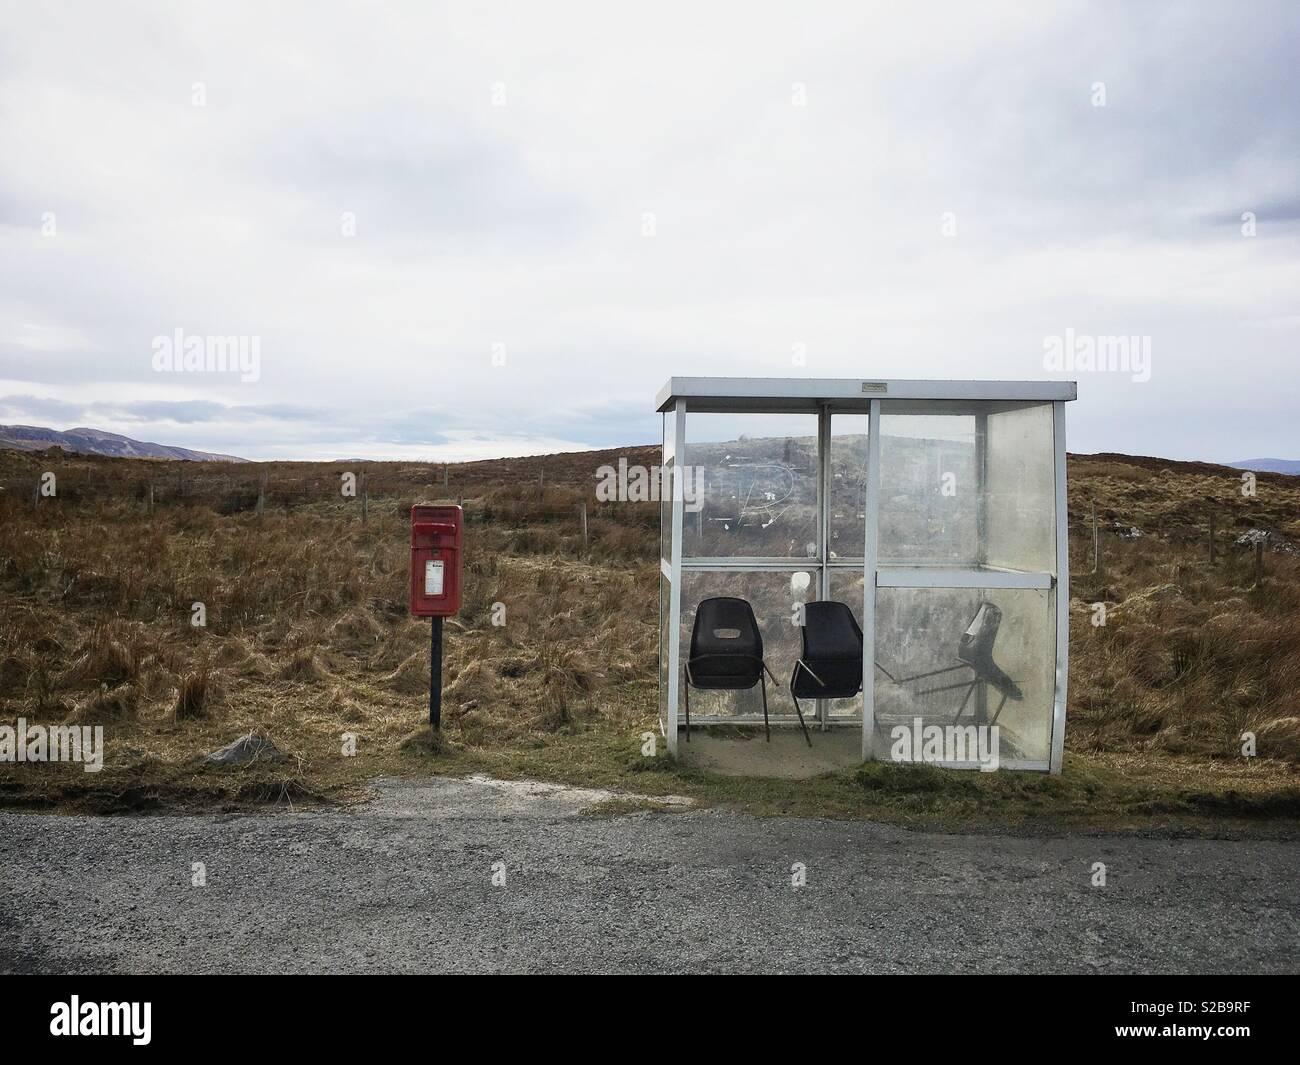 Parada de autobús y la rural postbox, Isla de Skye, Escocia. Imagen De Stock